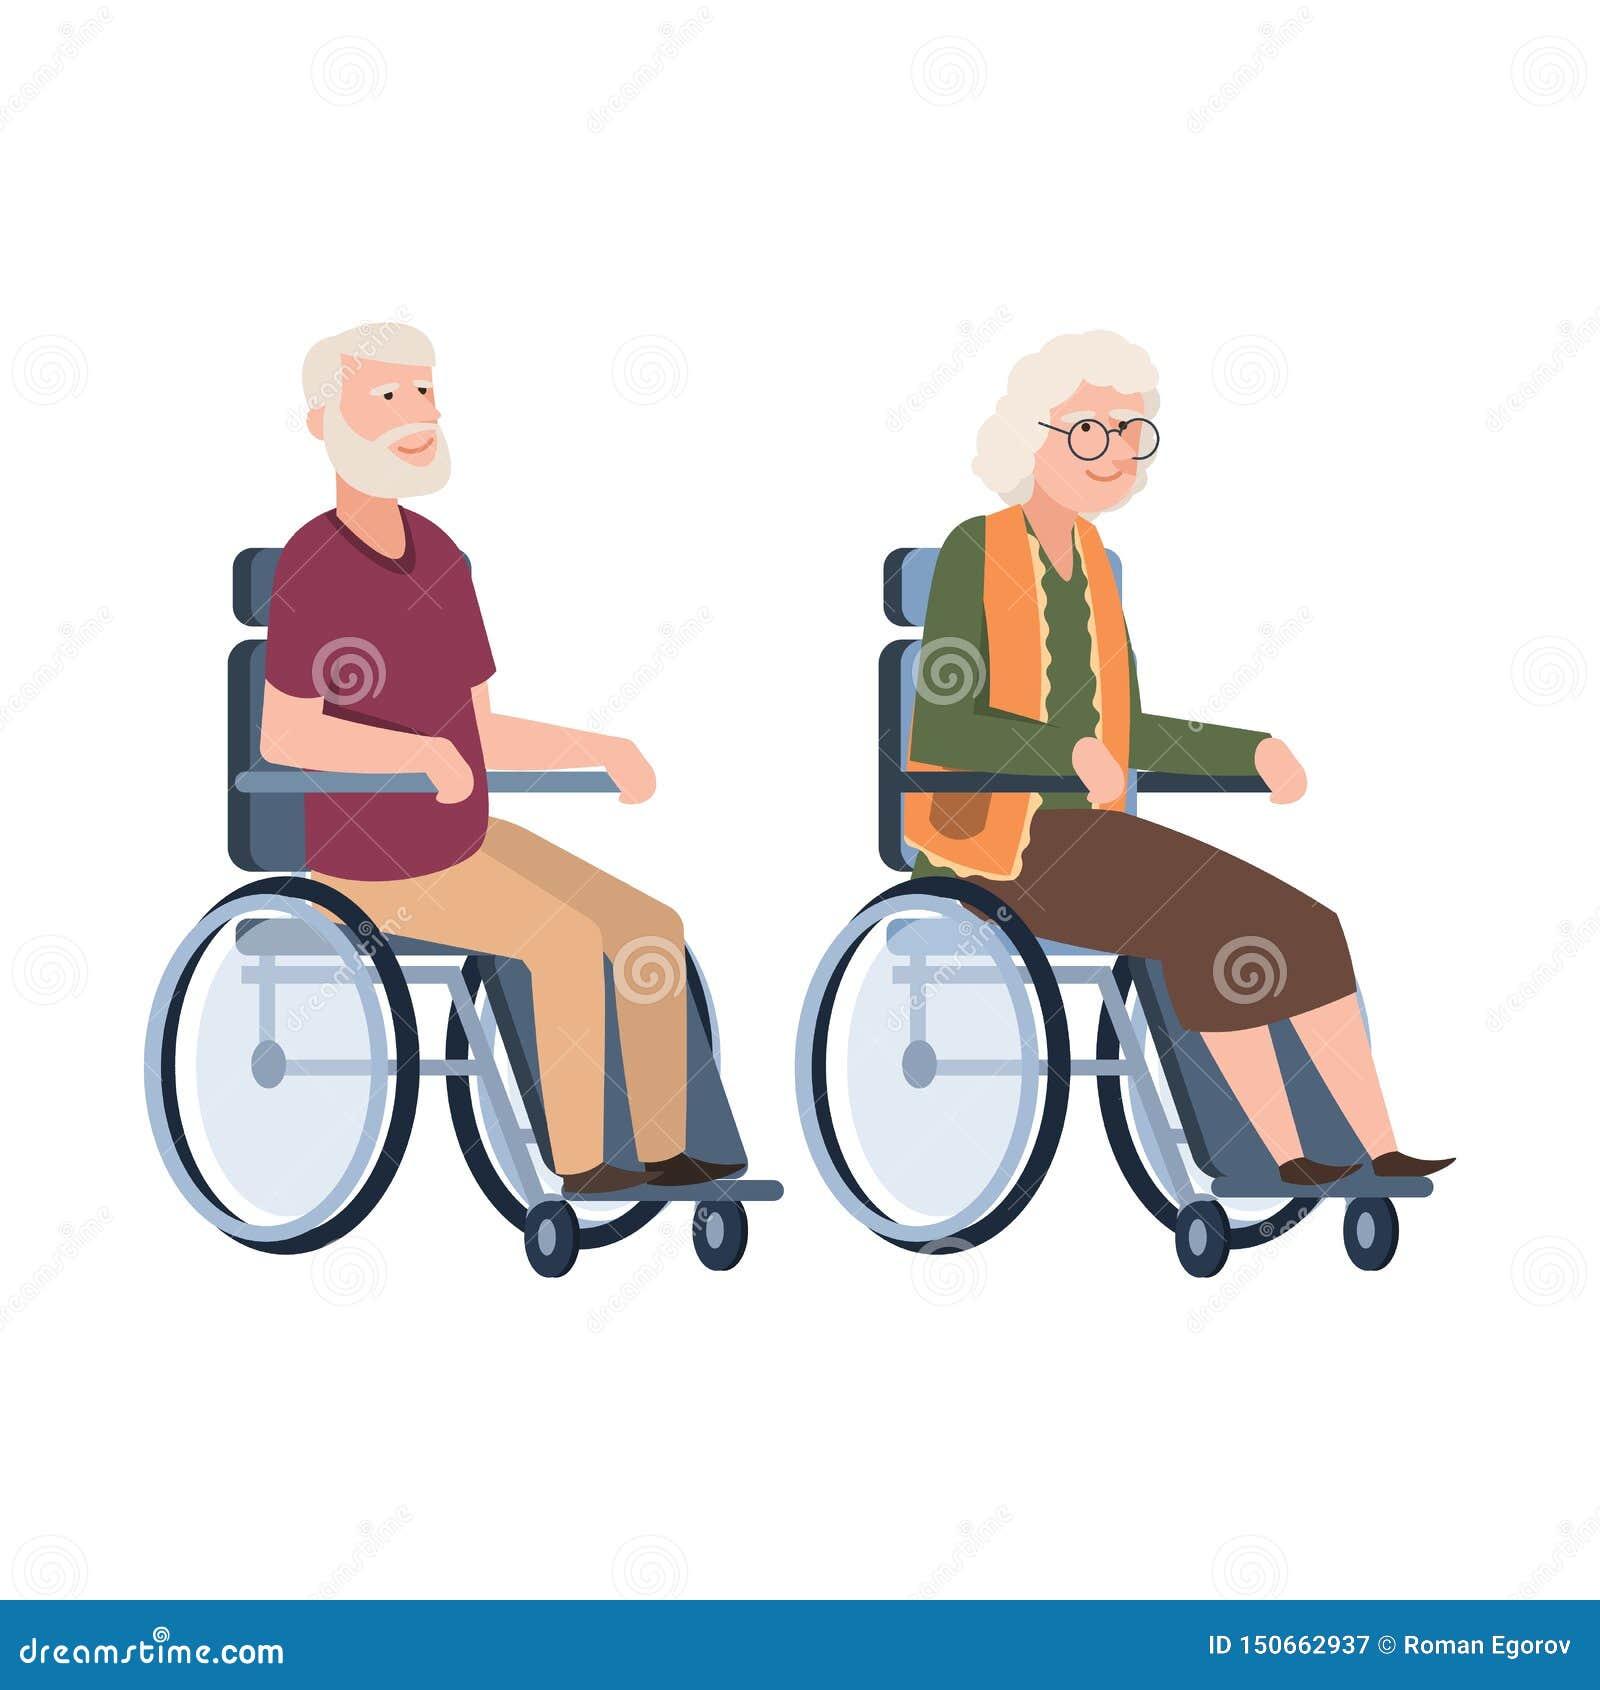 Starzy ludzie obezwładniający Senior w w?zku inwalidzkim Para starszej osoby niepełnosprawna osoba Wektorowy ilustracyjny dziadun